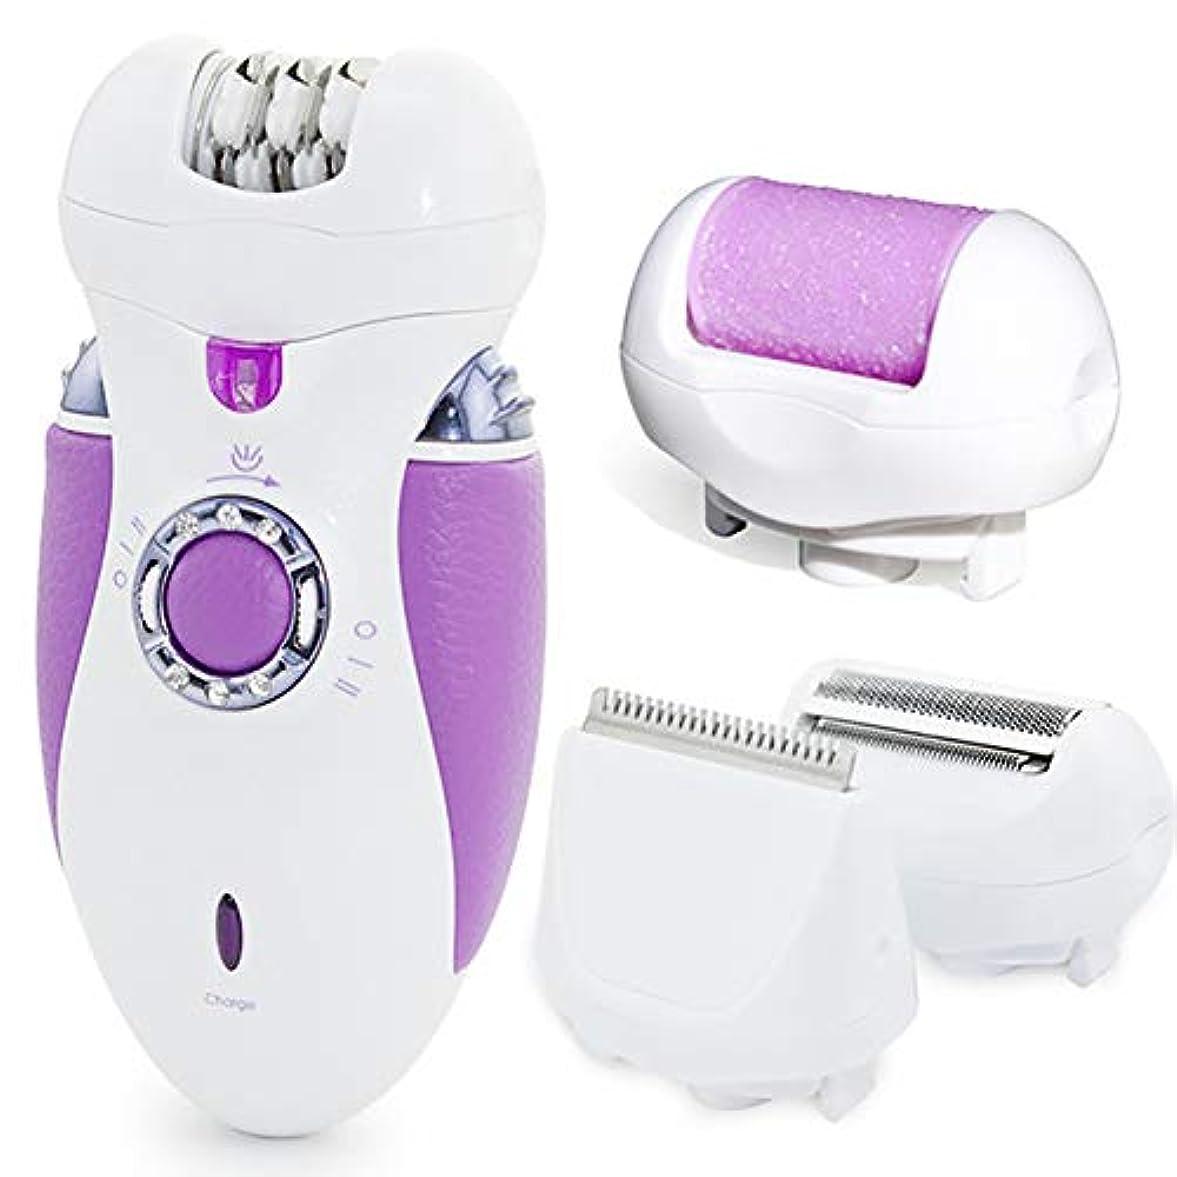 サッカーコーラス日女性のための脱毛器、1シェーバー電気かみそりを含むウェット&ドライ電気シェーバー脱毛で4防水レディー電気シェーバーコードレス,紫色